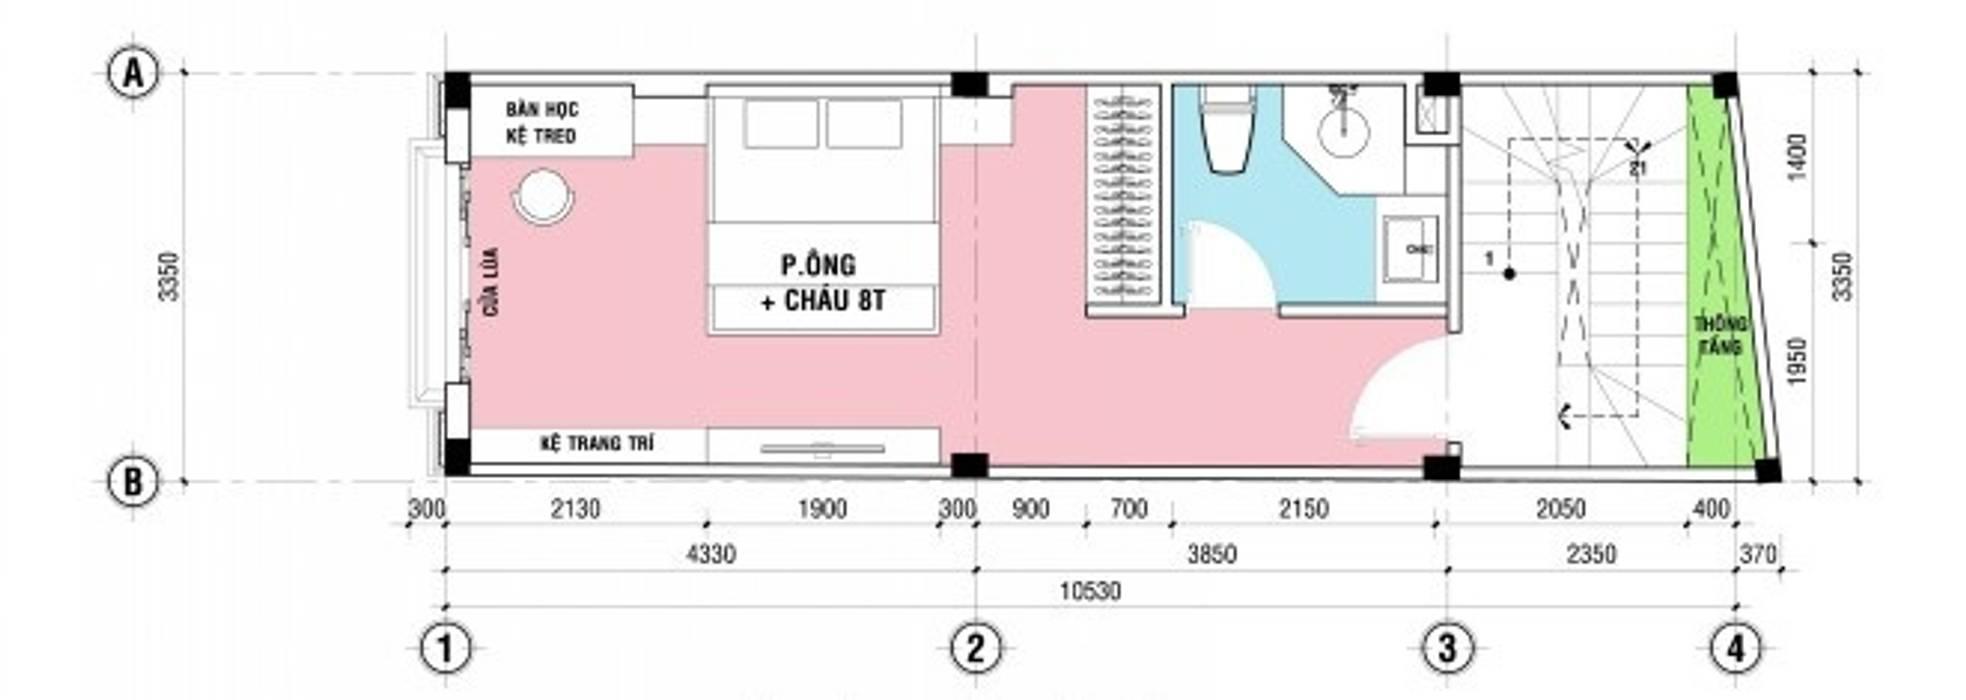 Bố trí mặt bằng thiết kế nhà ống 4 tầng bởi Công ty TNHH Xây Dựng TM – DV Song Phát Hiện đại